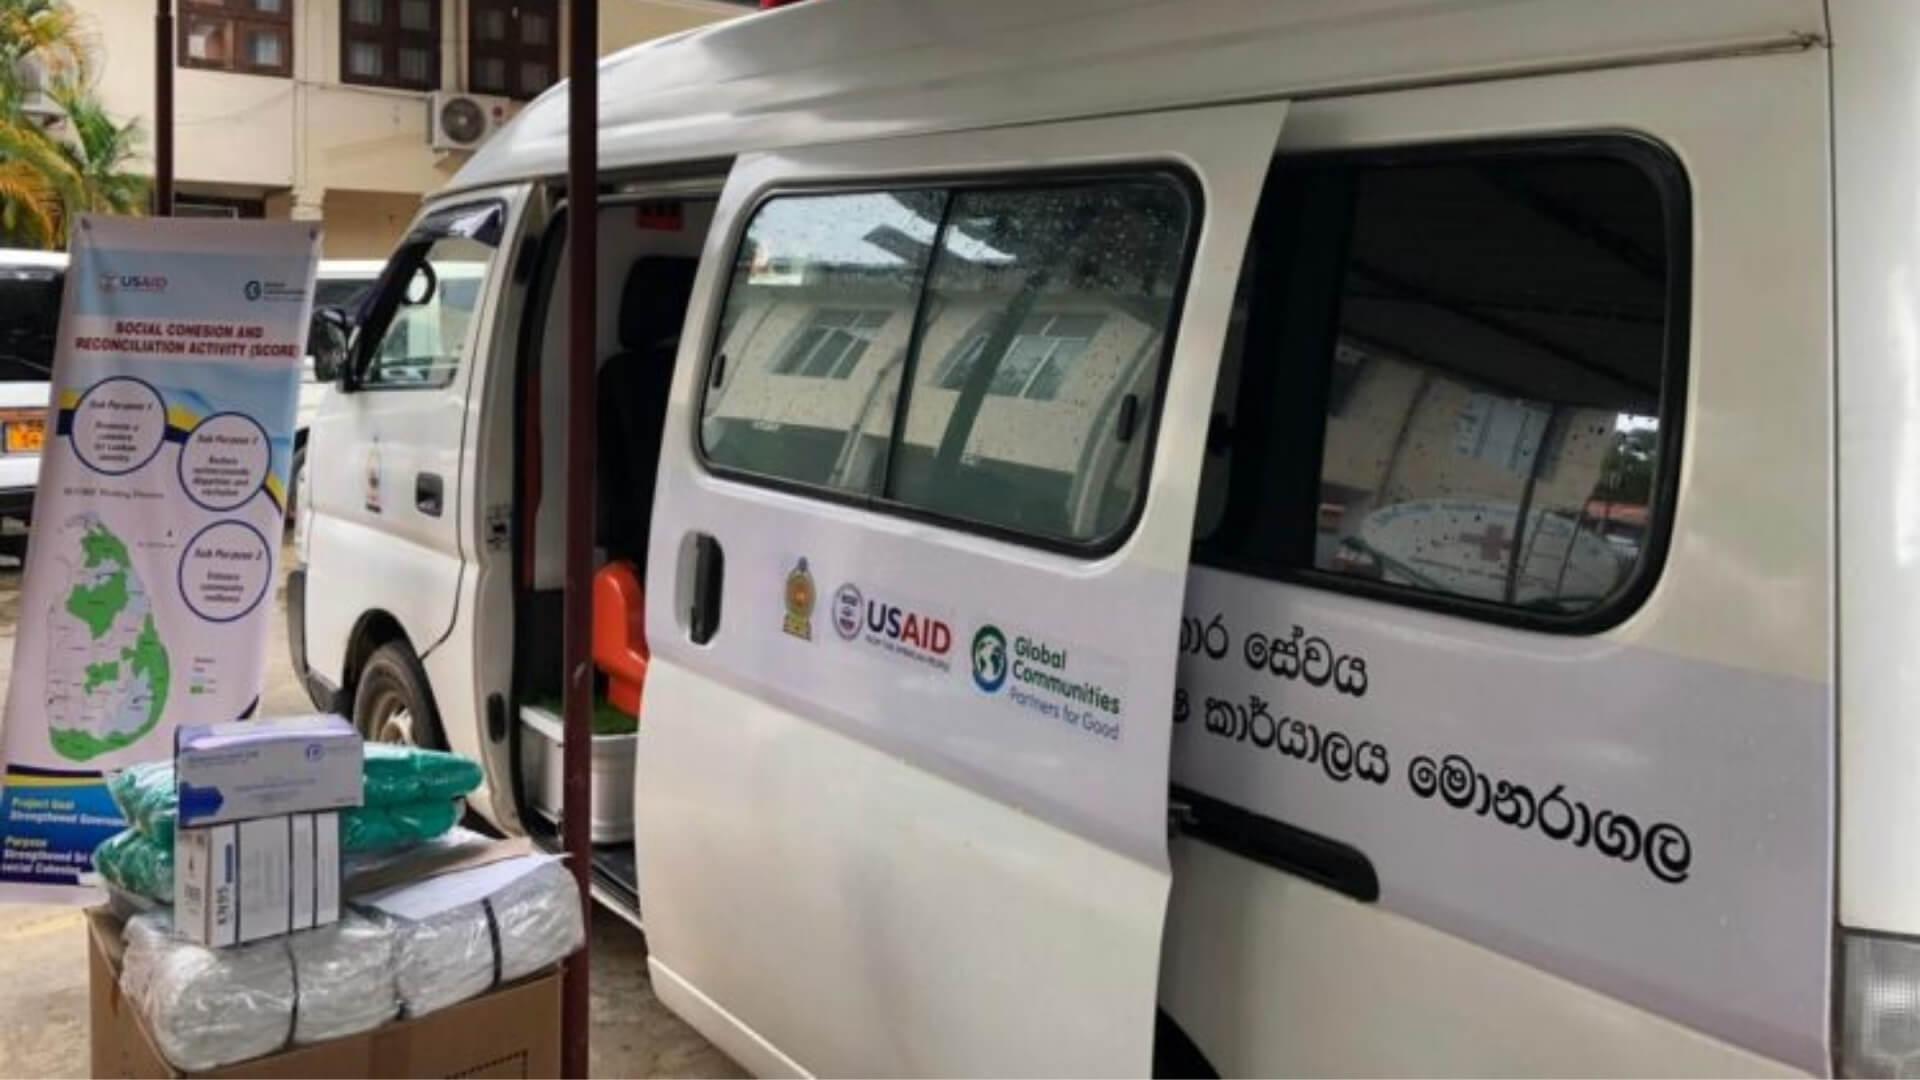 PCR mobile testing unit in Sri Lanka